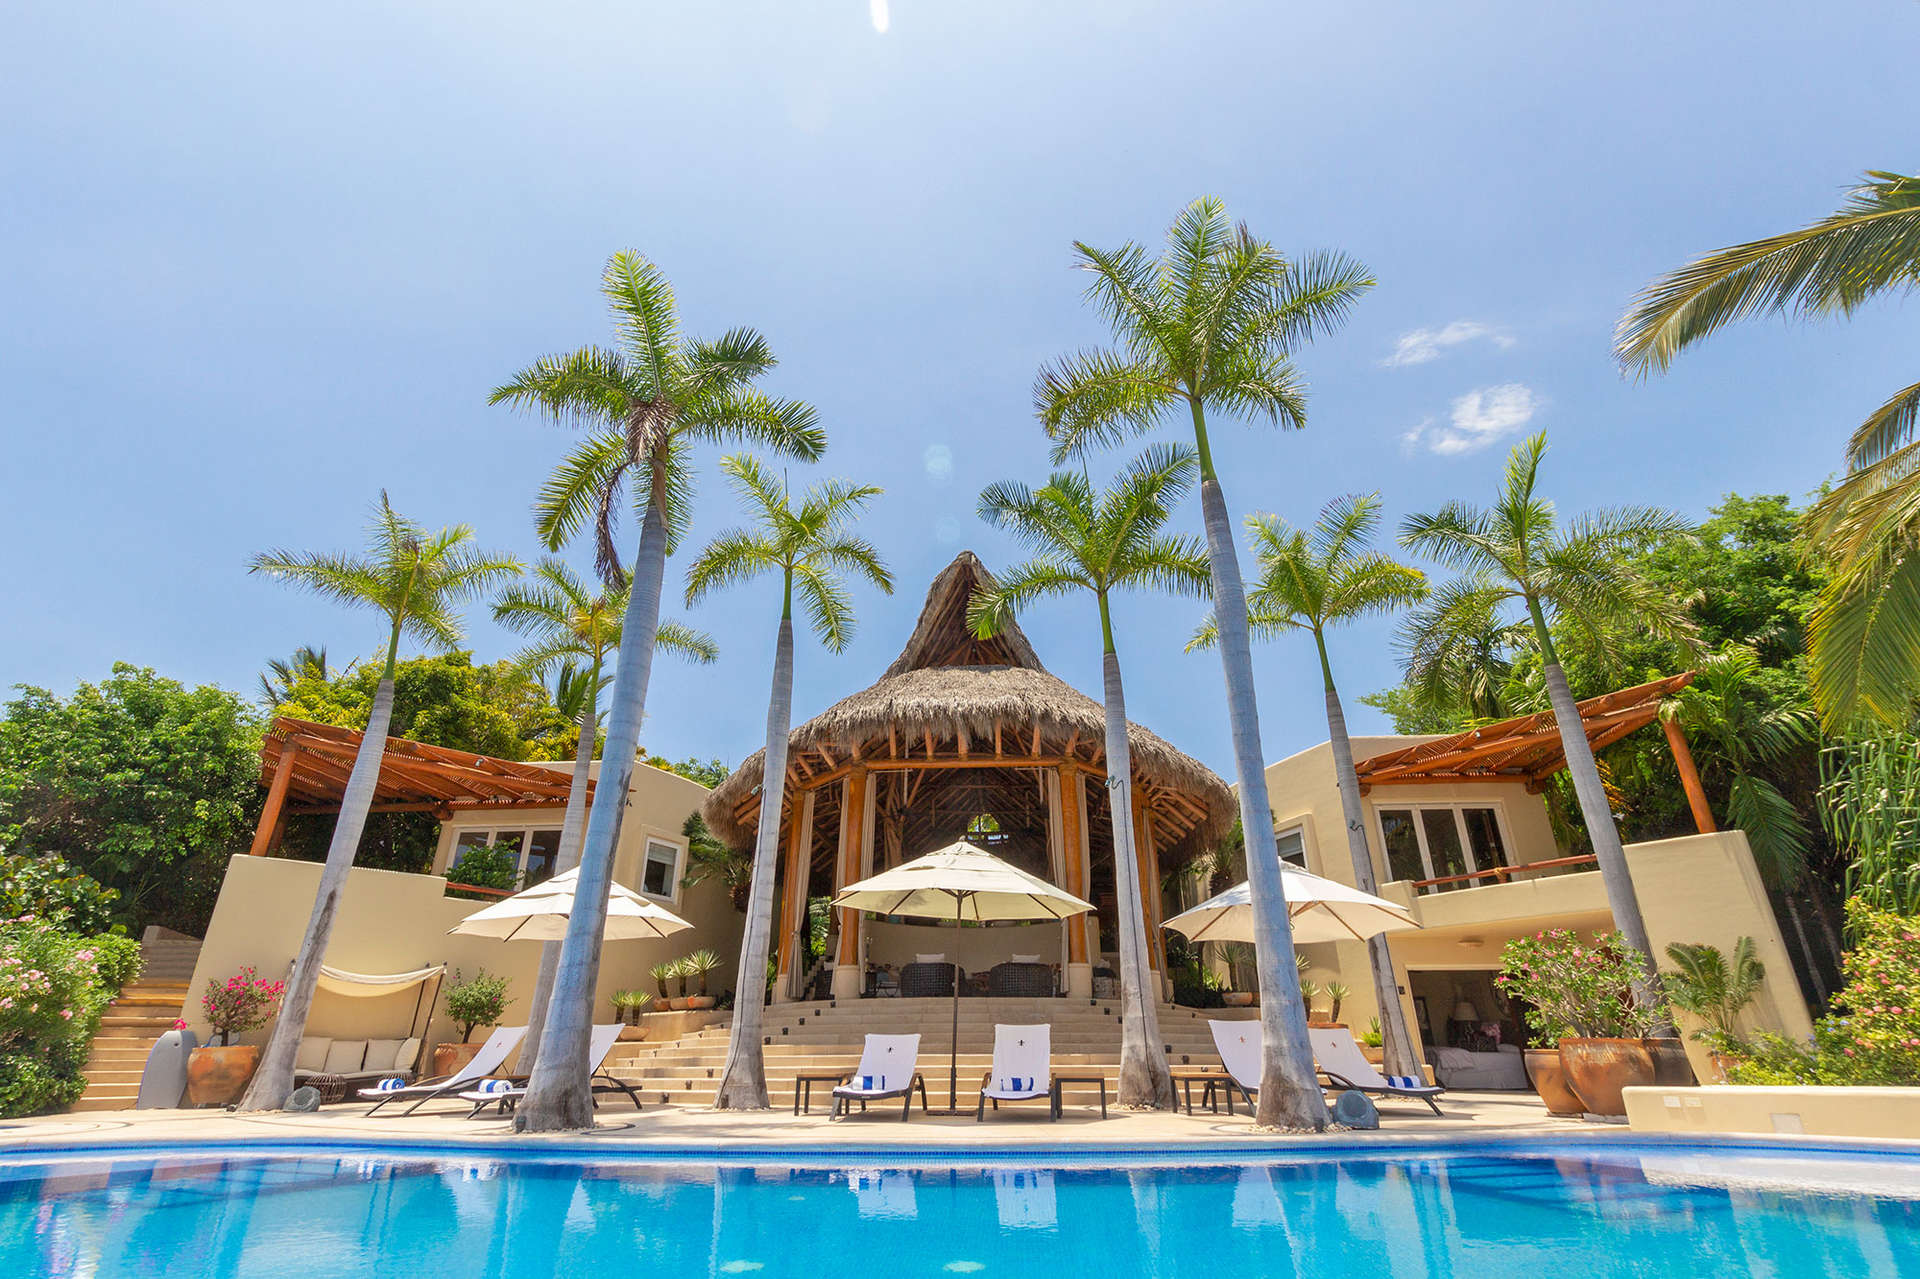 Luxury vacation rentals mexico - Punta mita - El farallon - No location 4 - Estate Oasis - Image 1/35